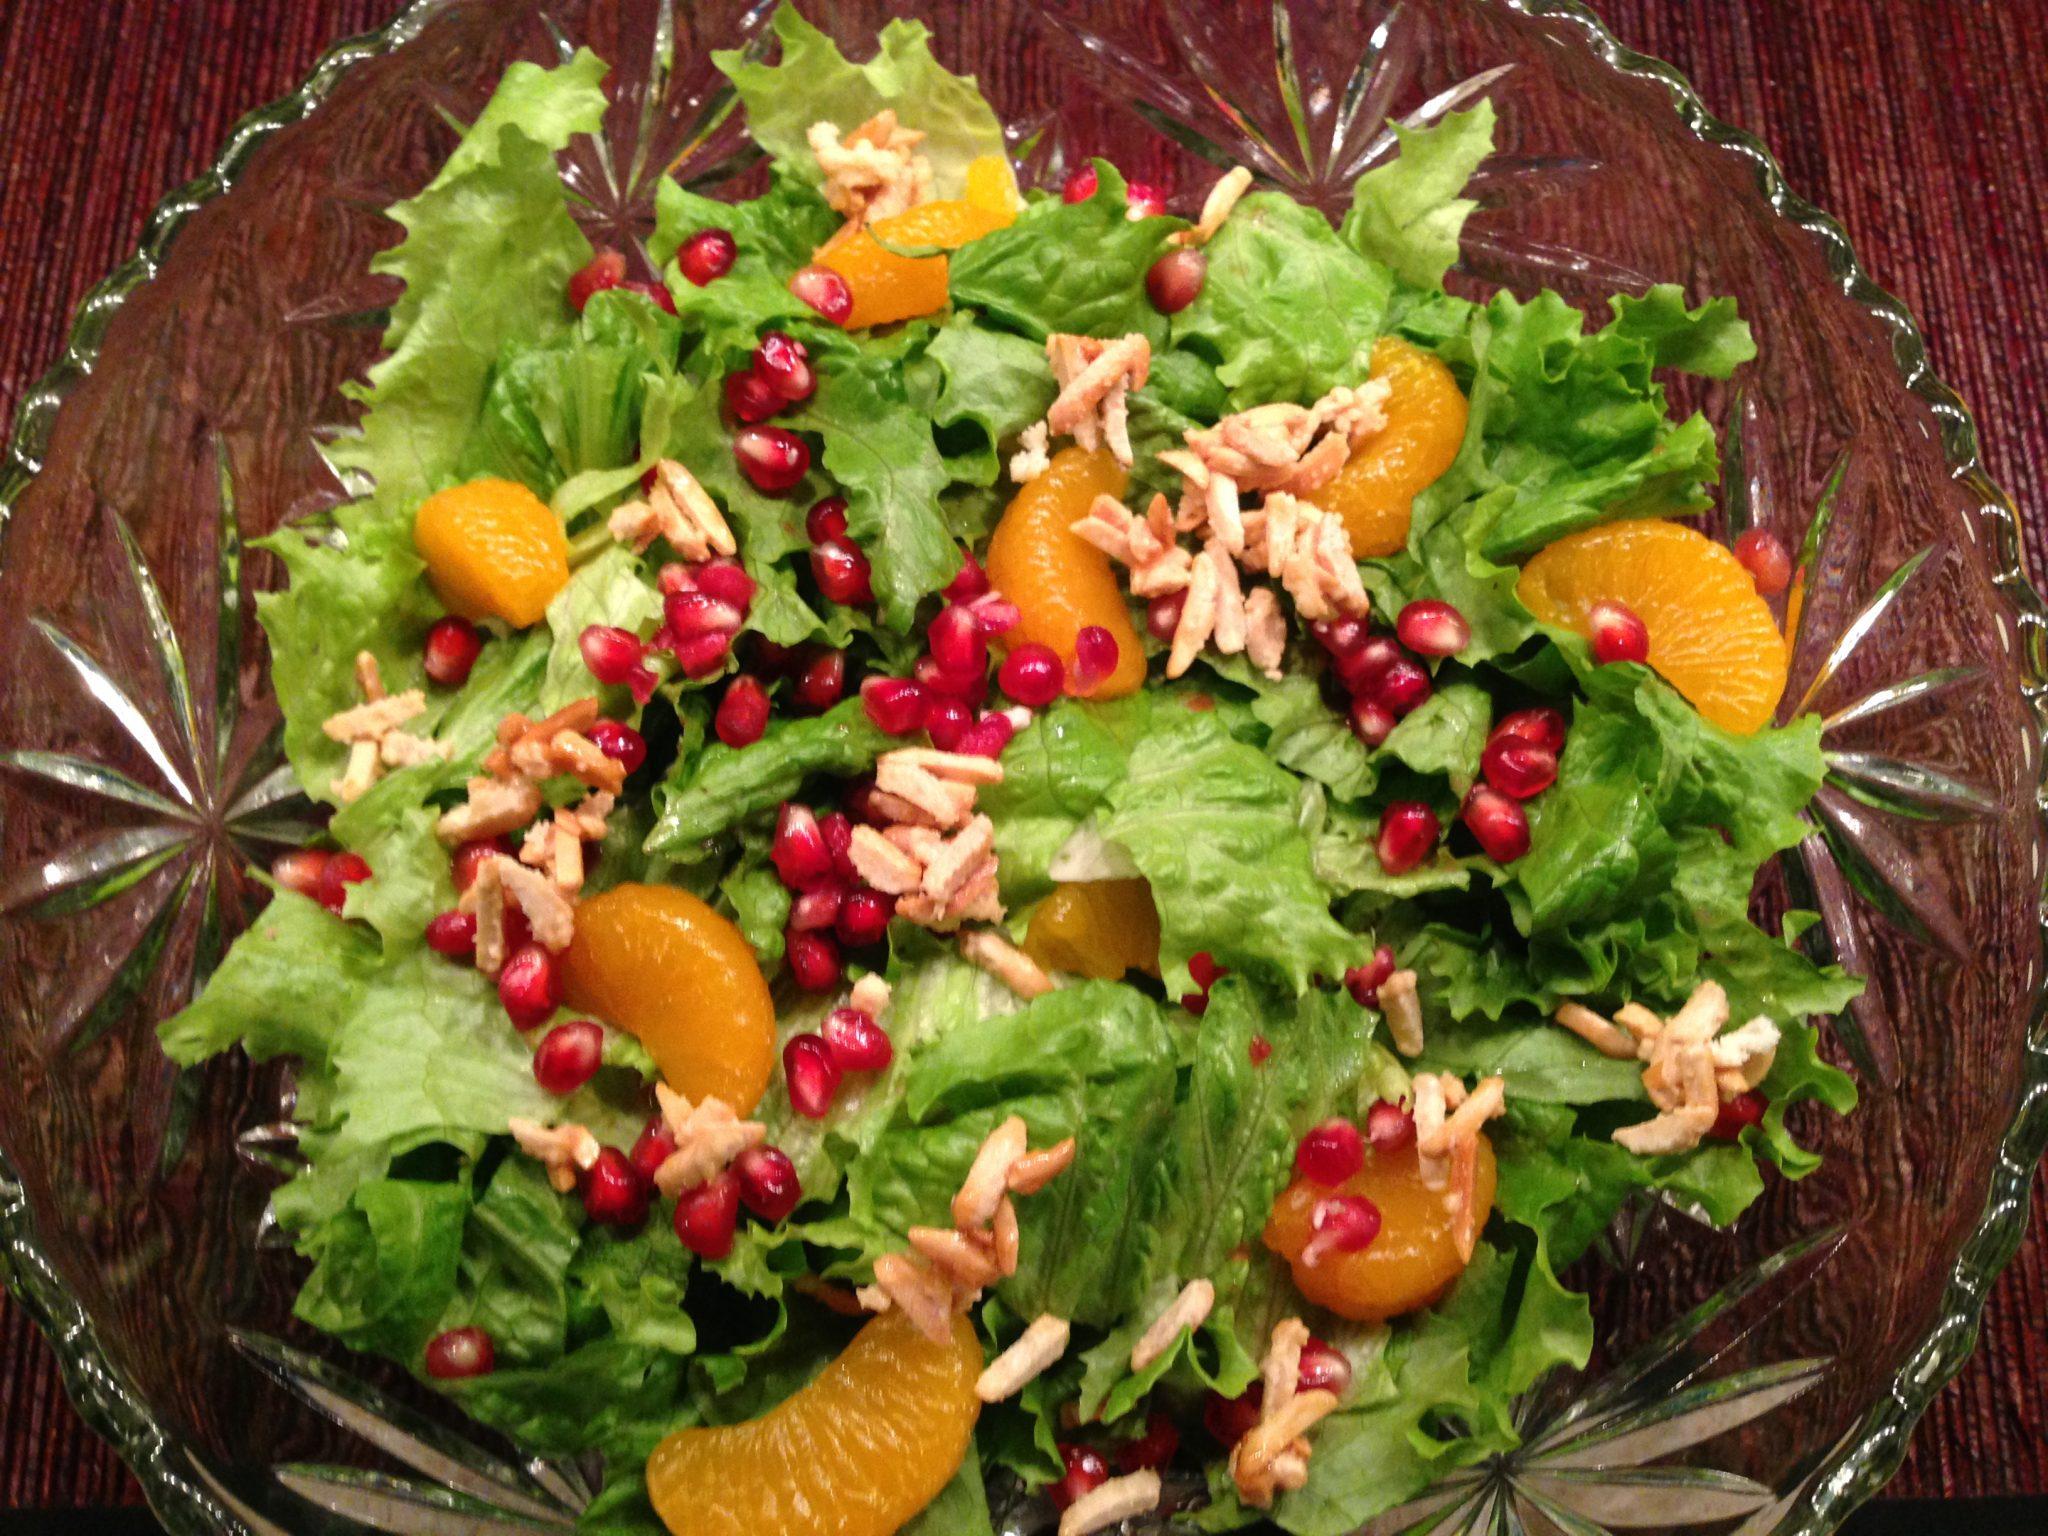 Pomegranate and Mandarin Orange Salad